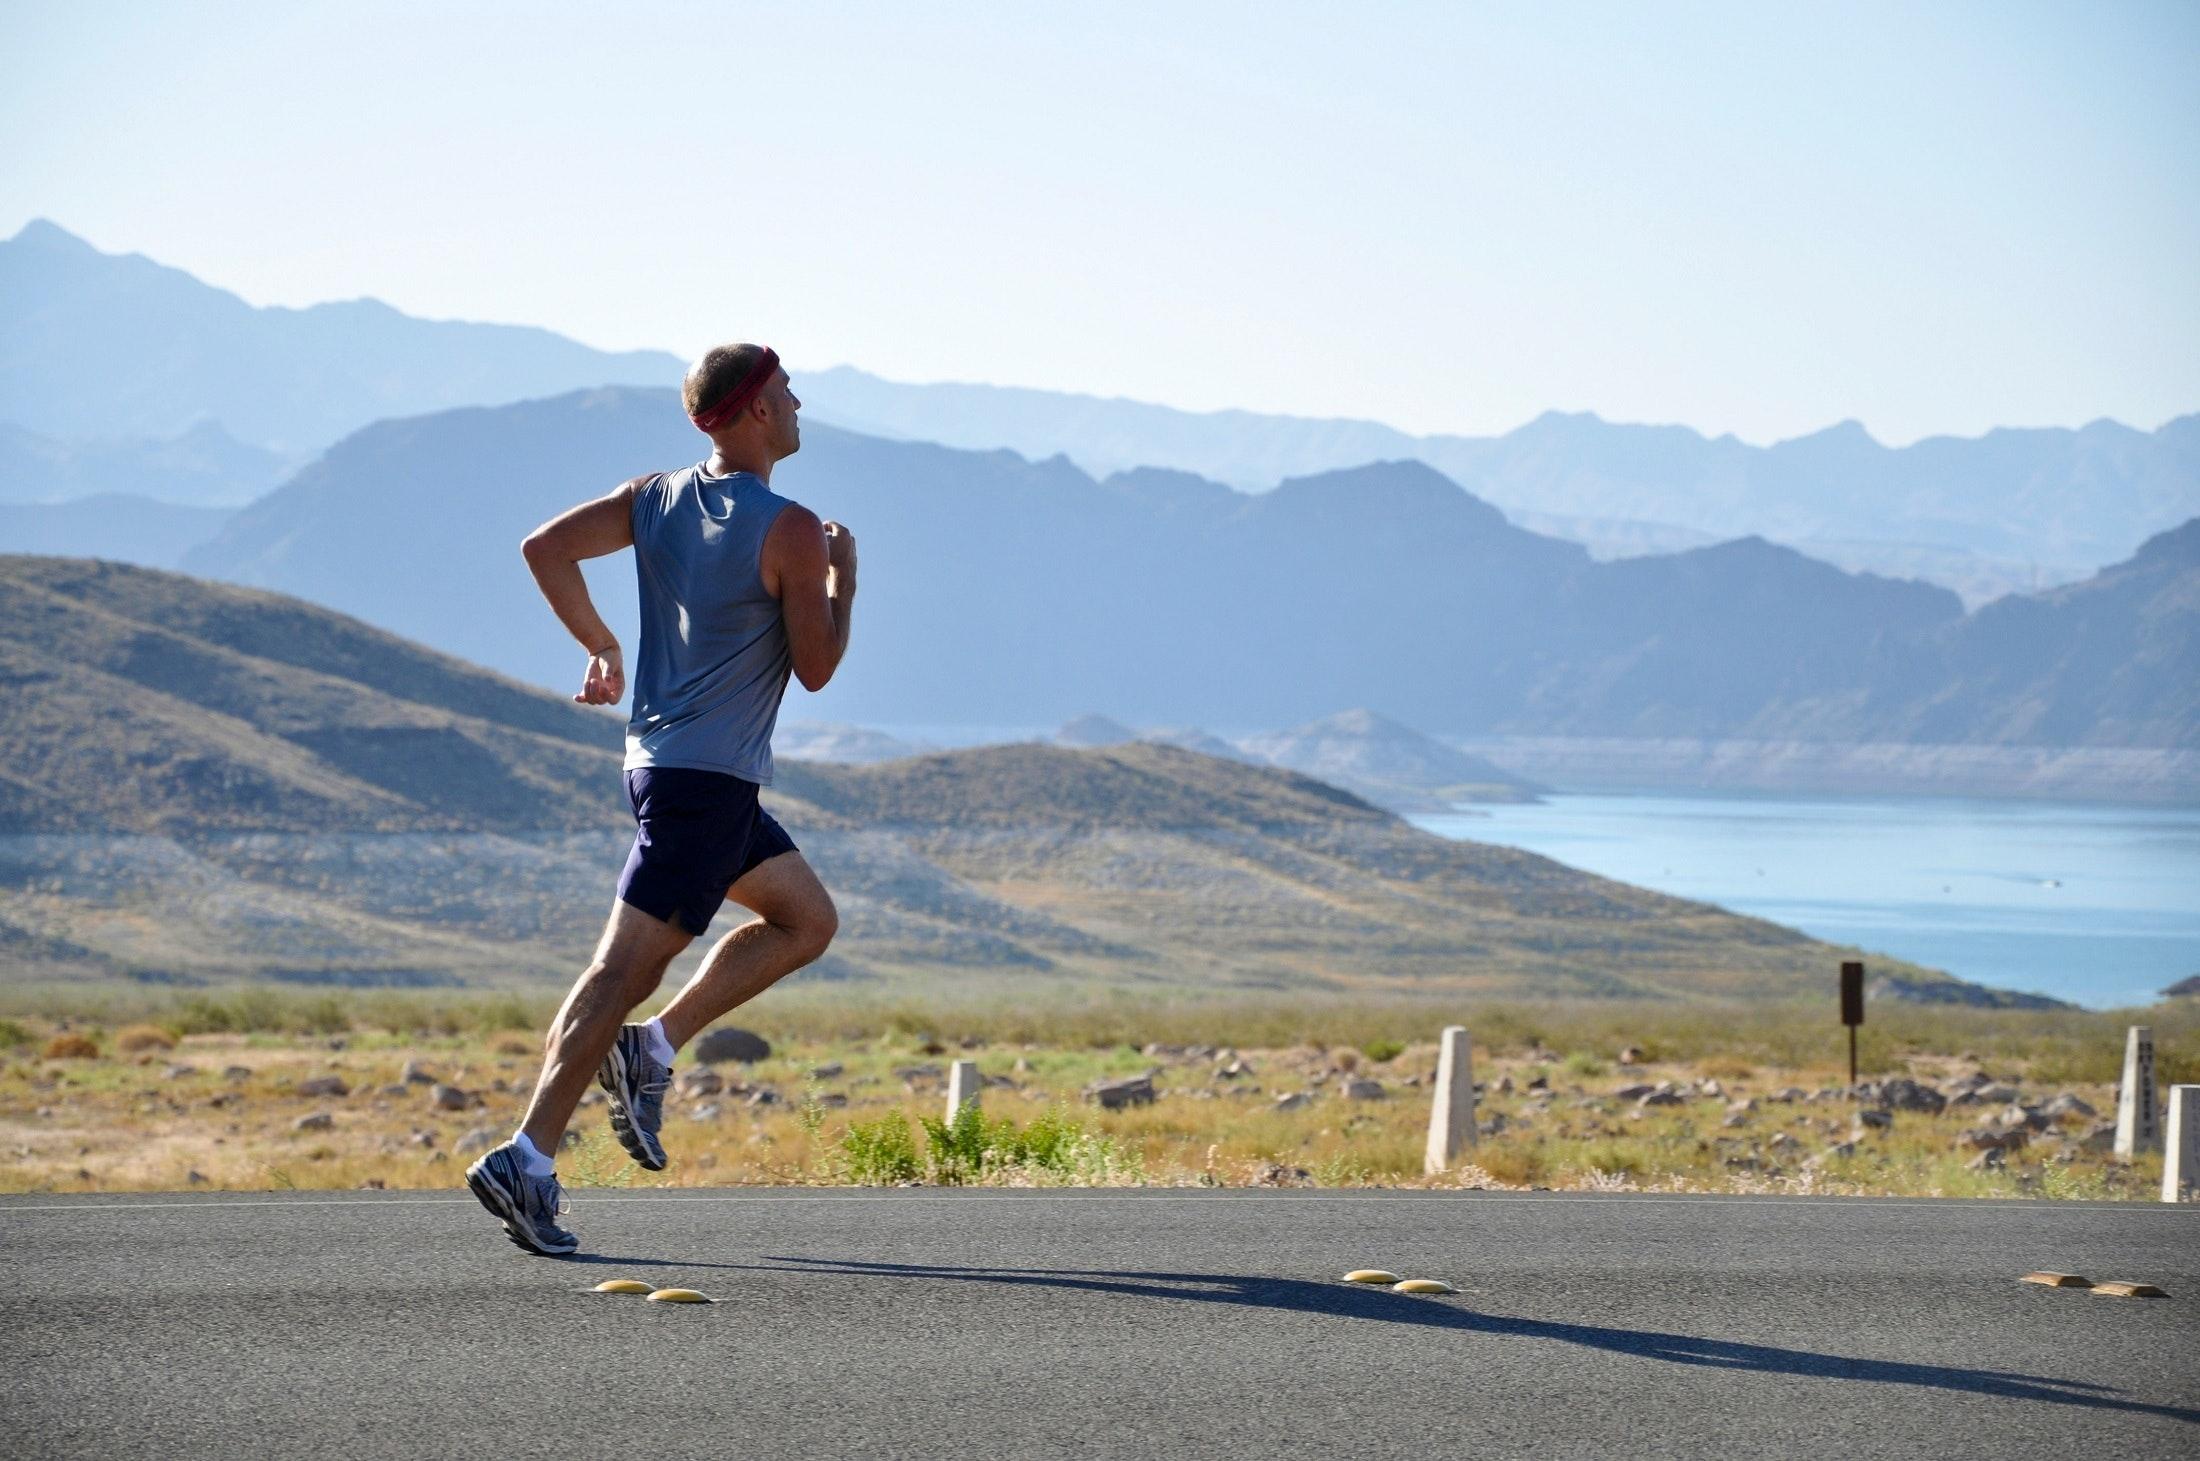 Homem com roupa esportiva correndo na rua